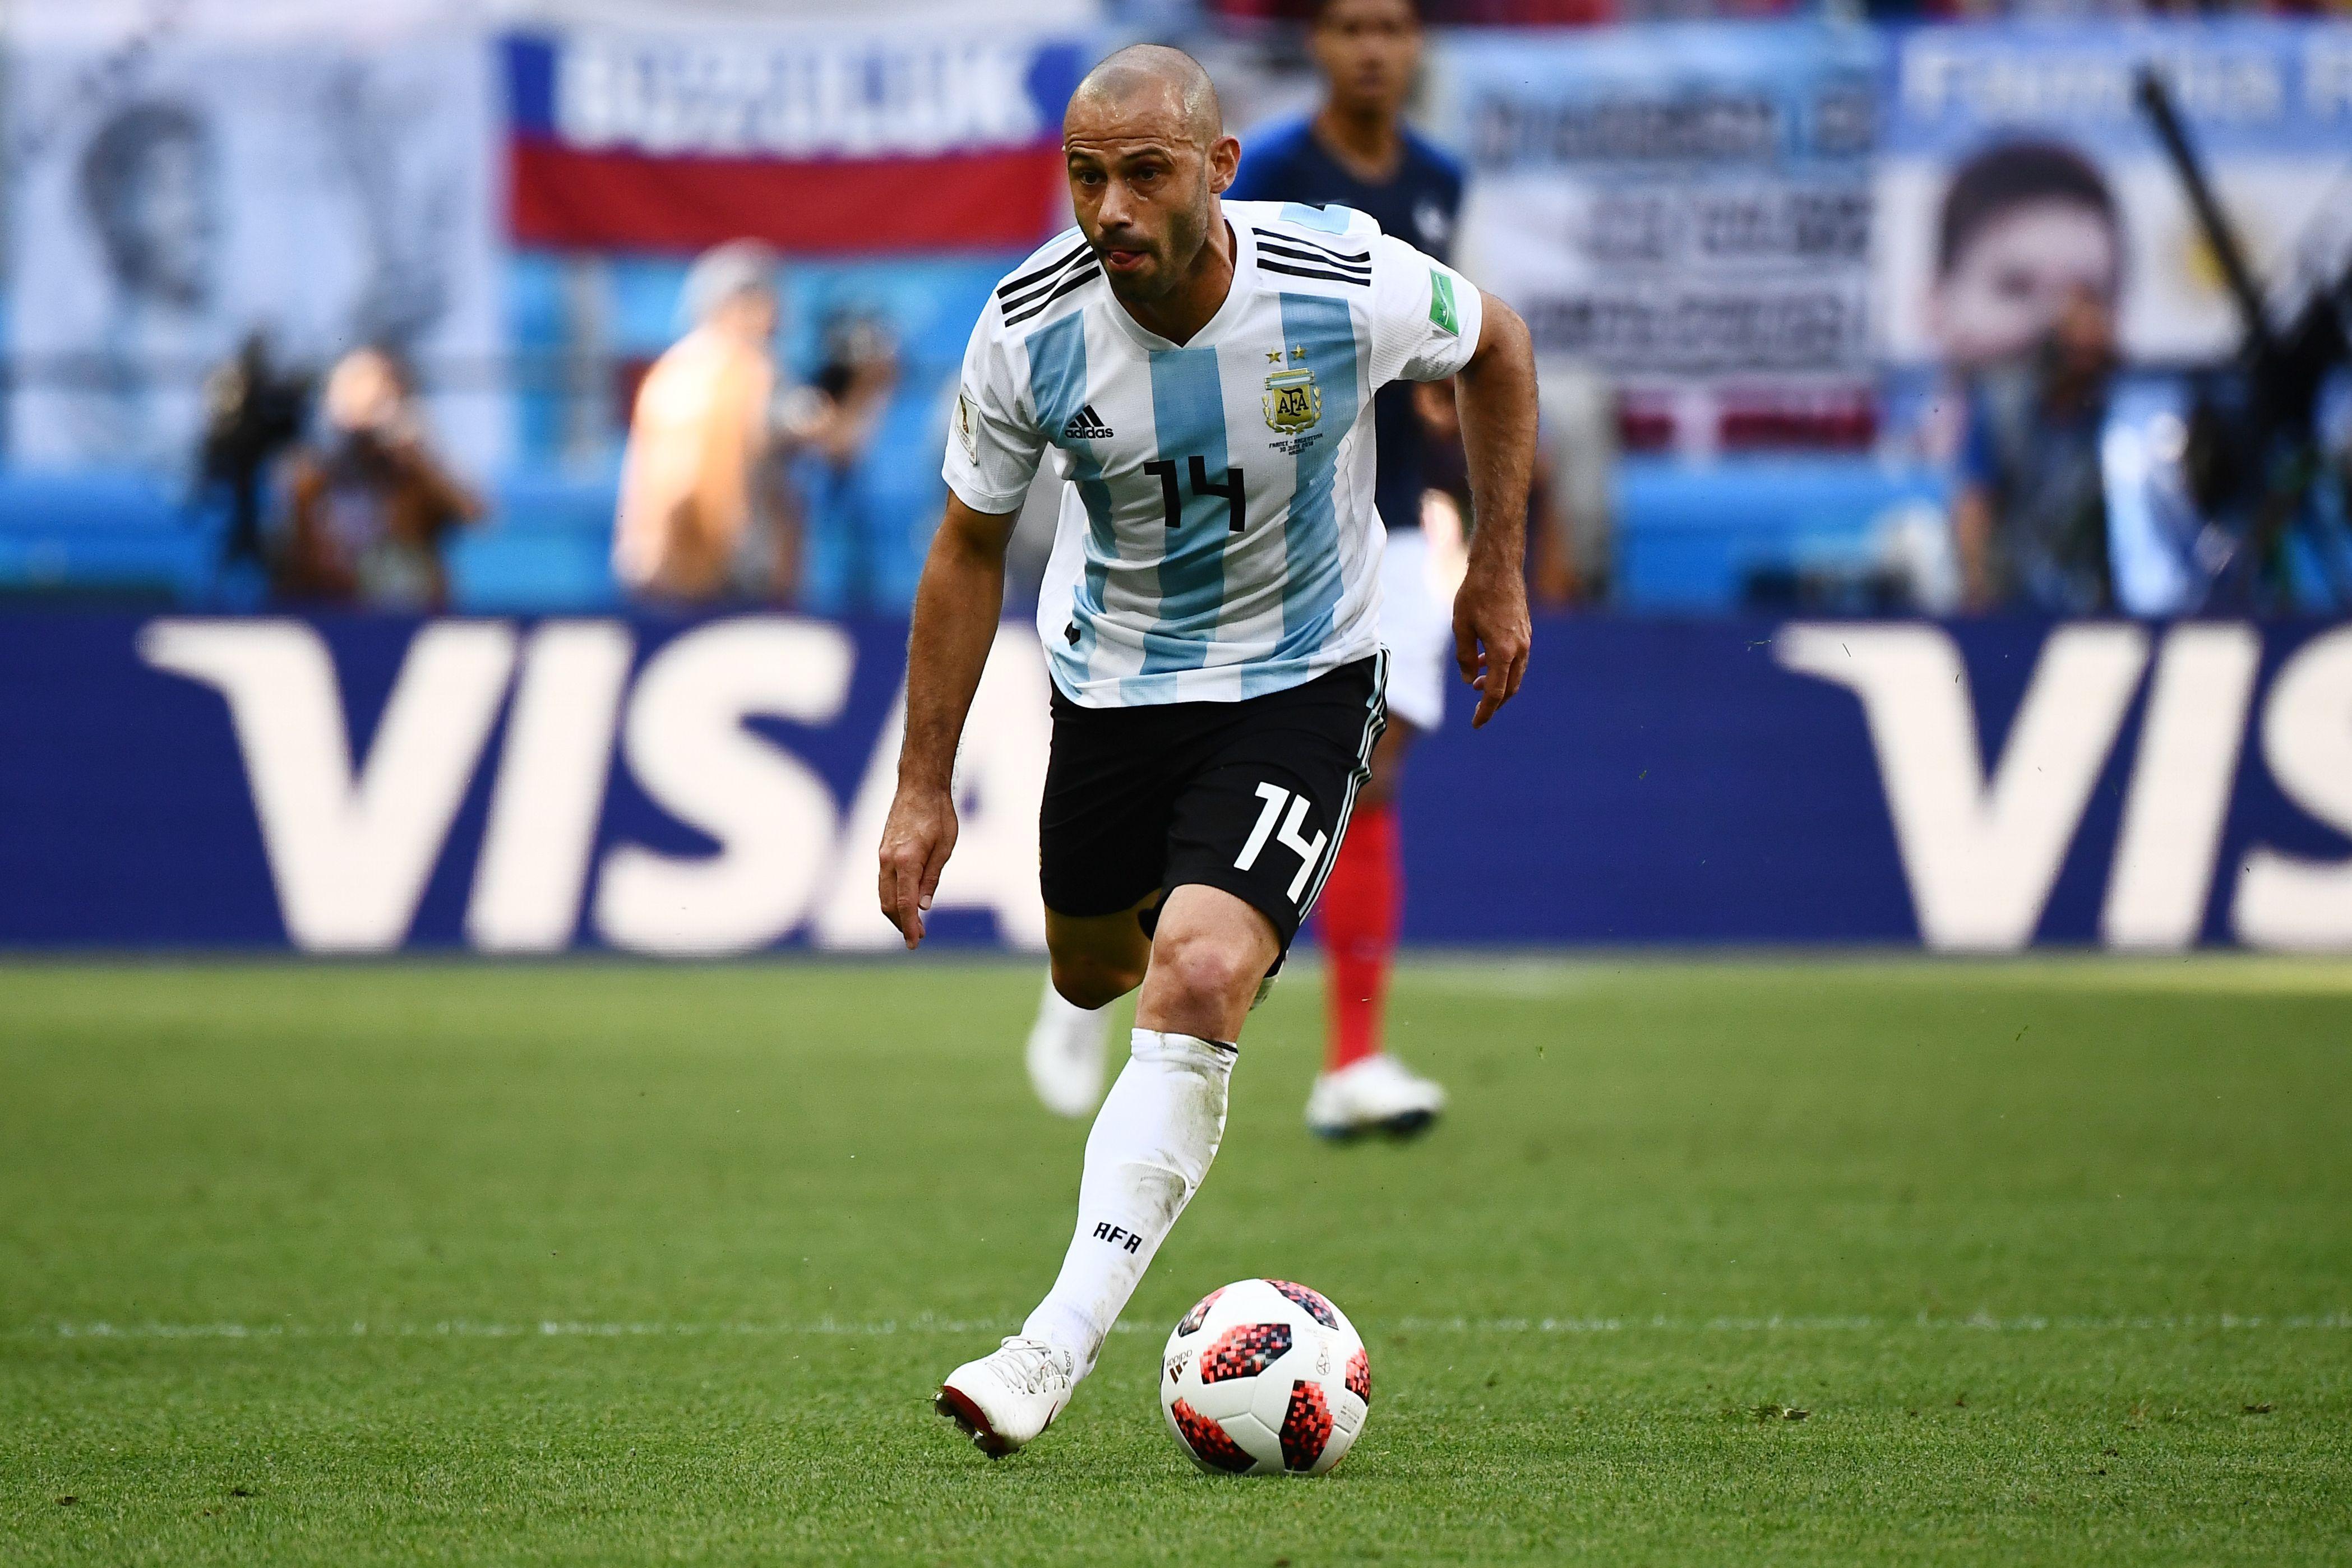 Addio amaro per Javier Mascherano che, dopo la sconfitta per 4-3 contro la Francia ai Mondiali, saluta la sua Argentina.